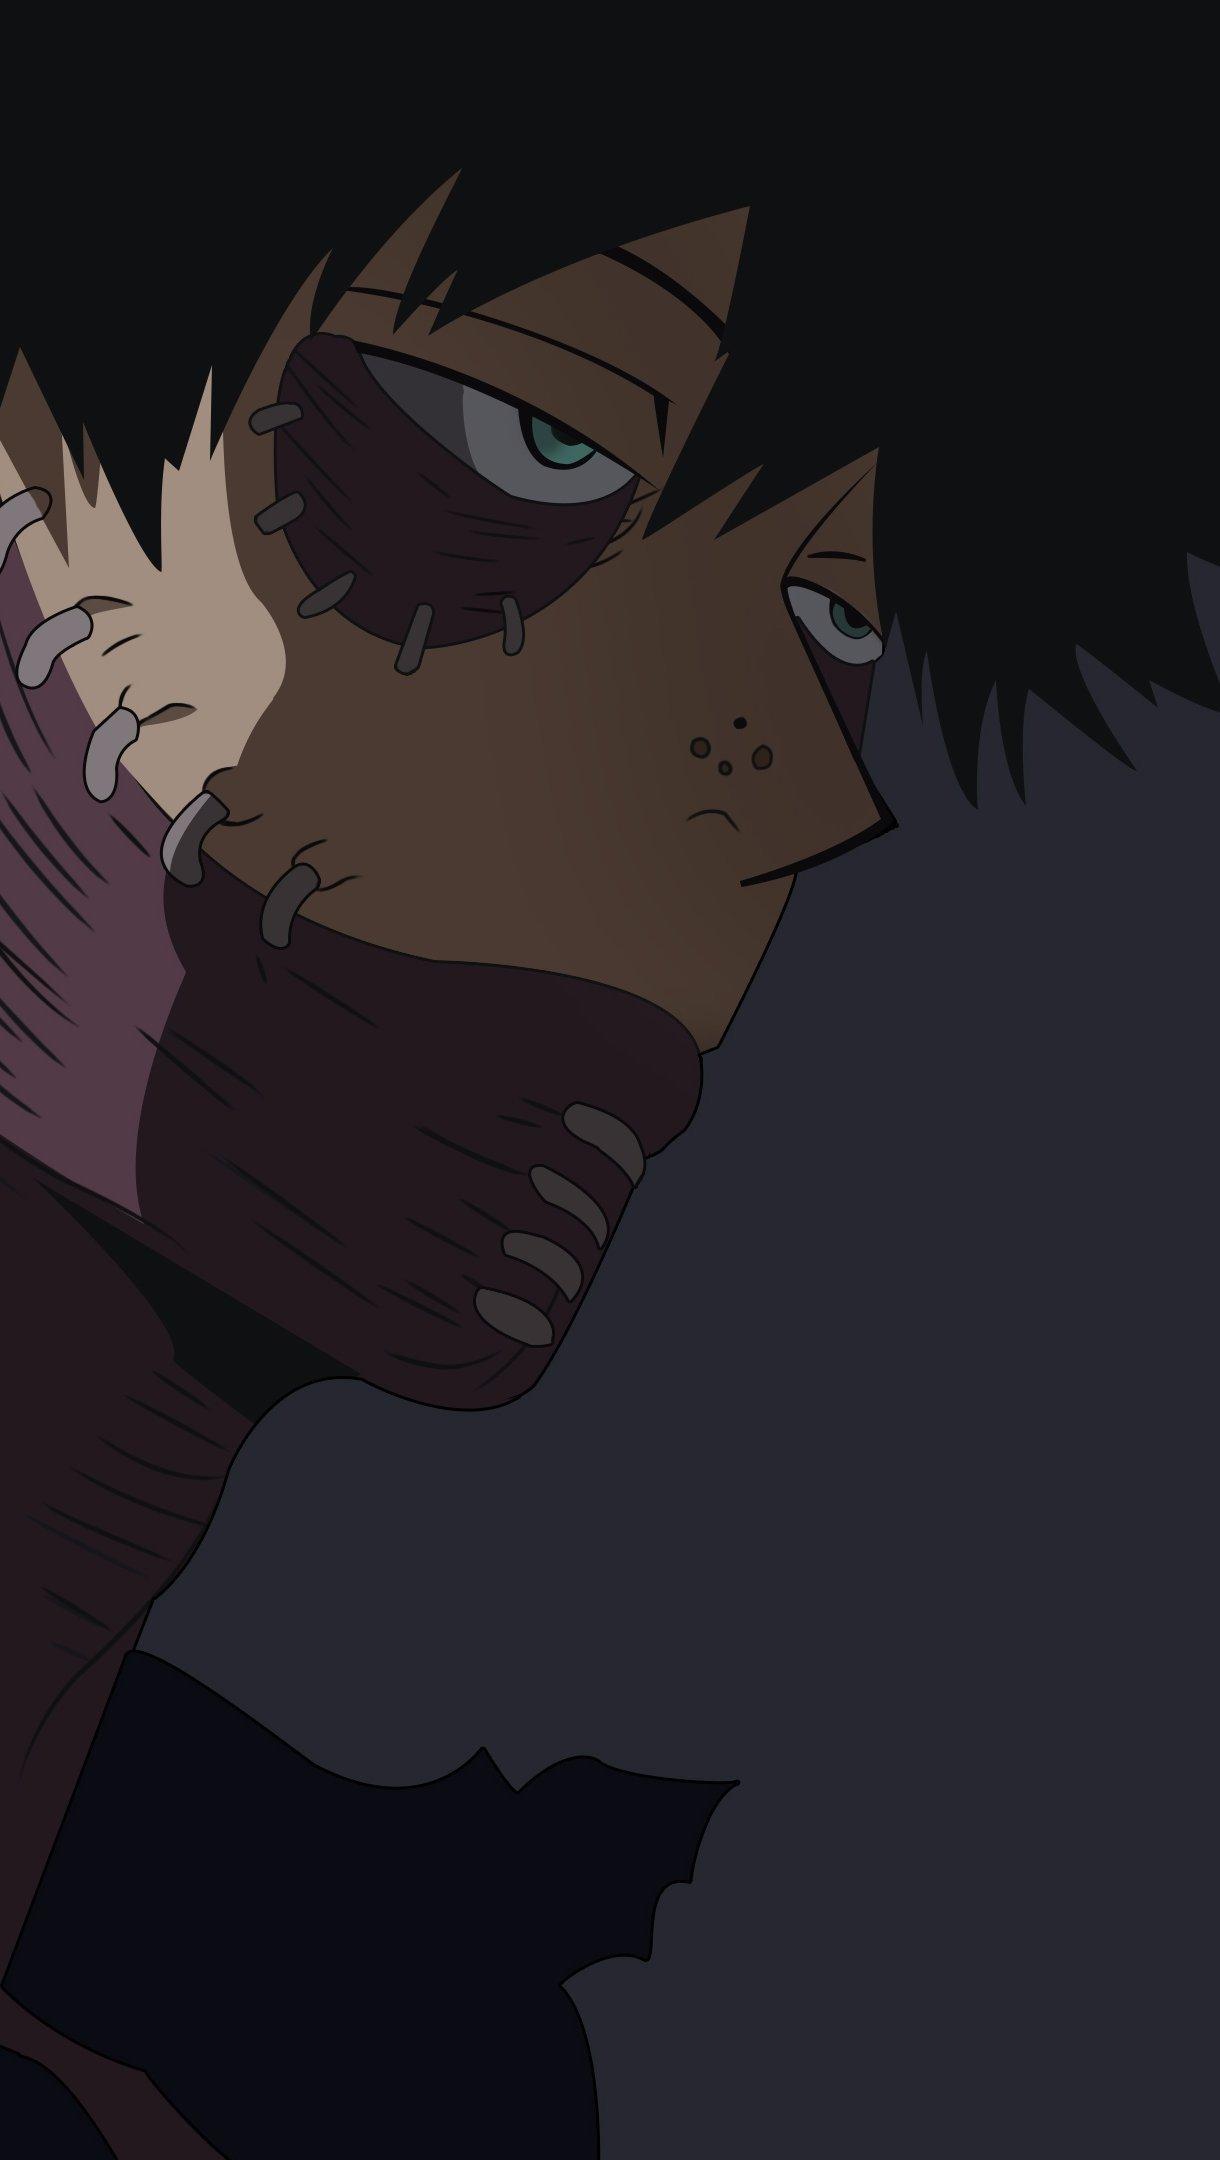 Fondos de pantalla Anime Dabi My Hero Academia Vertical